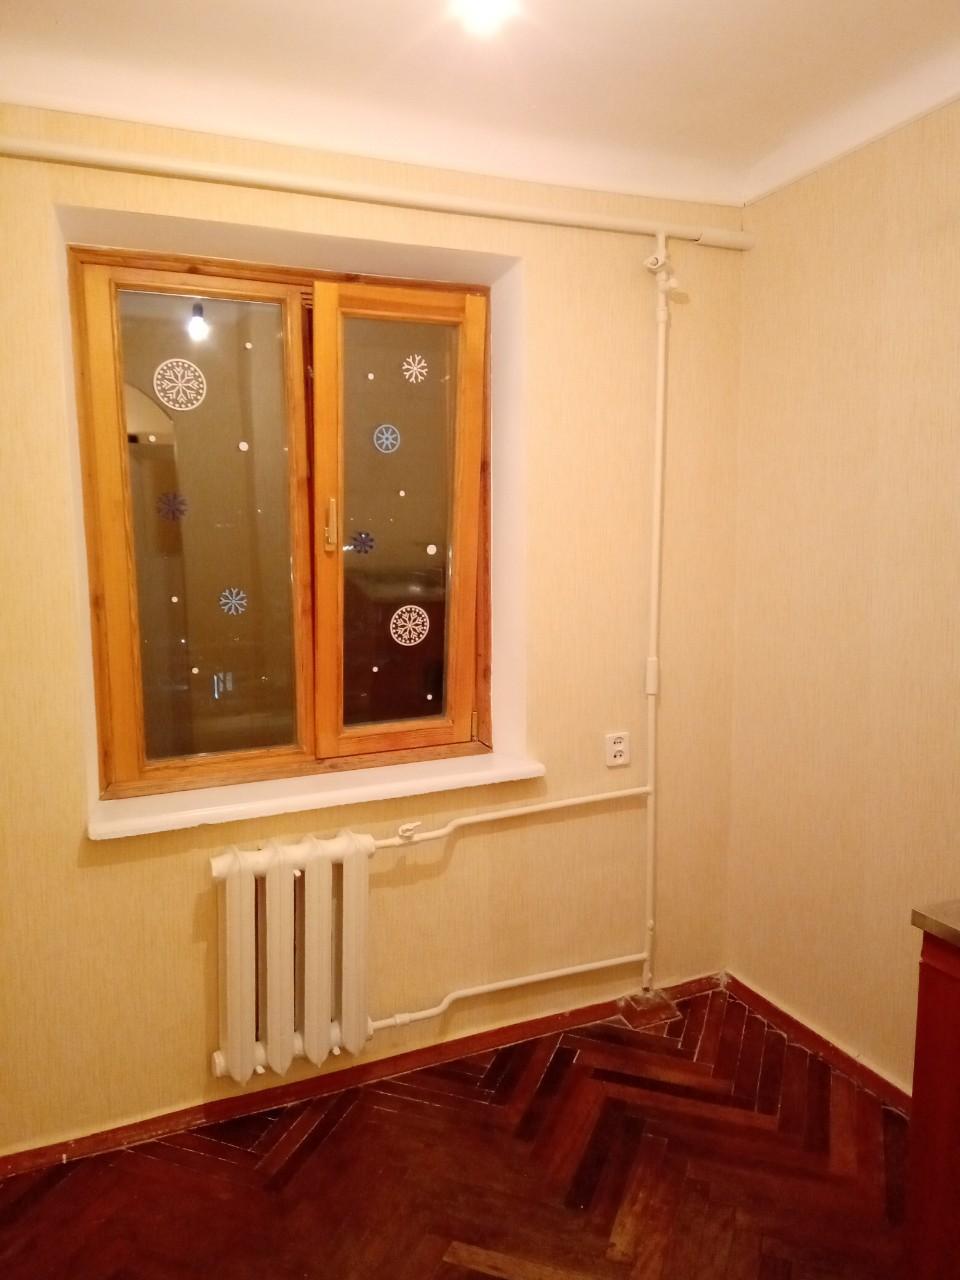 Продам ? гостинка, г. Киев                               в р-не Святошино возле м. <strong>Академгородок</strong>                                  фото